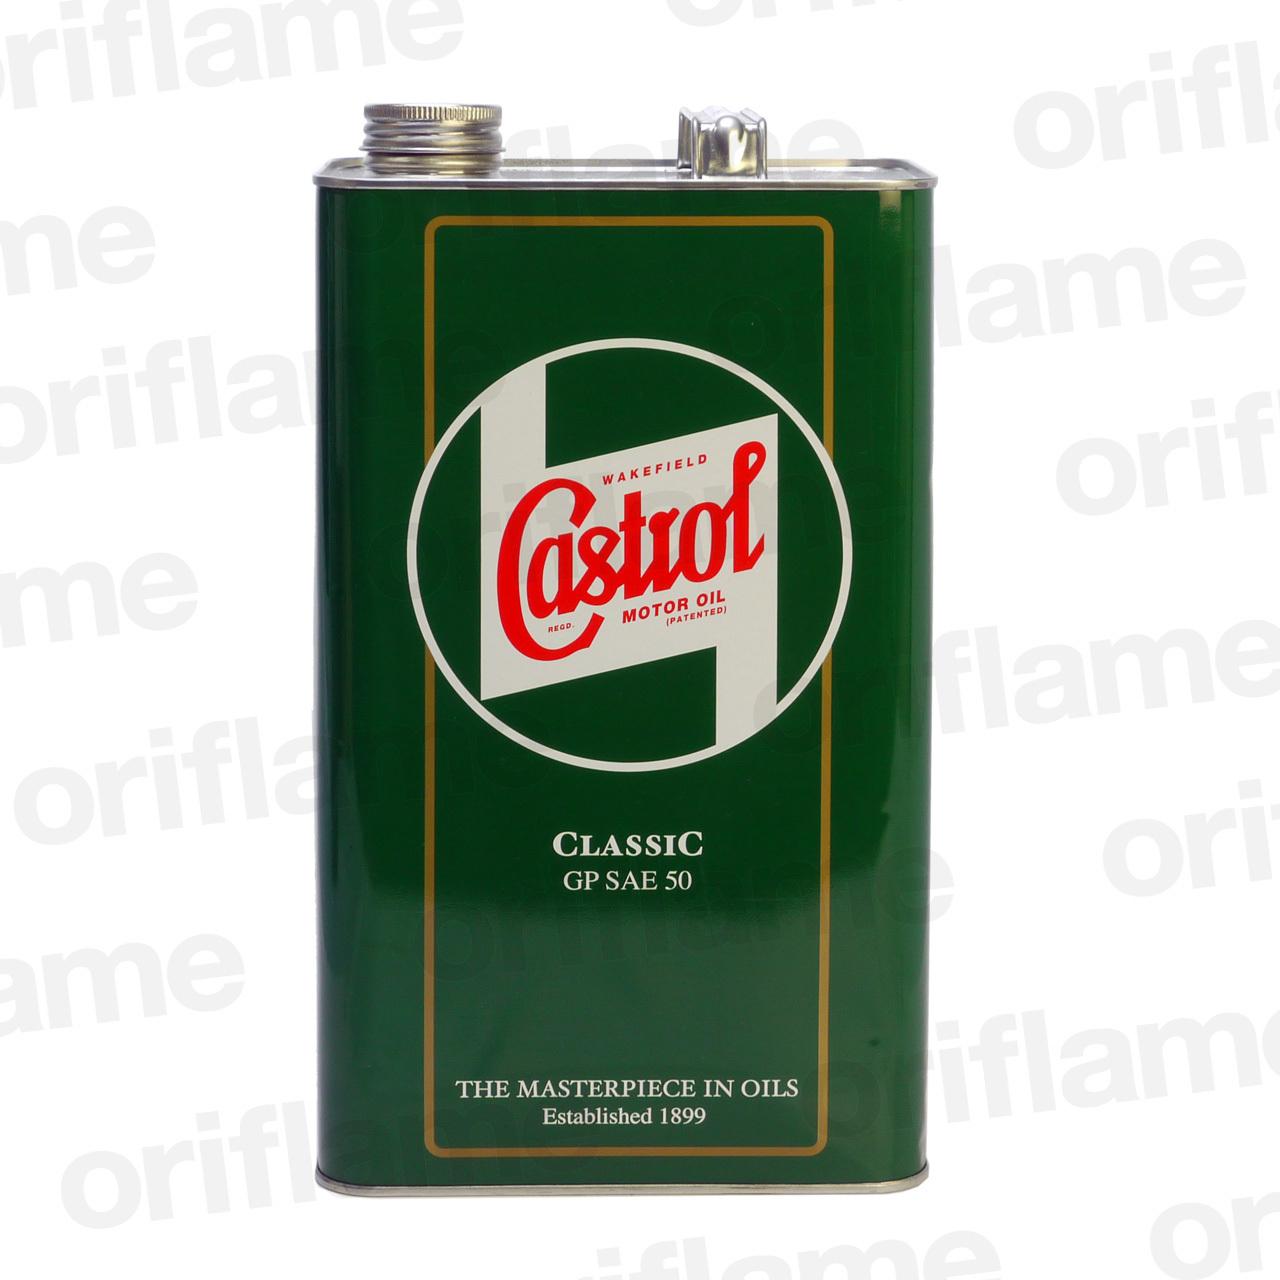 Castrol・カストロール・クラシック・オイル GP SAE50  5L 鉱物油